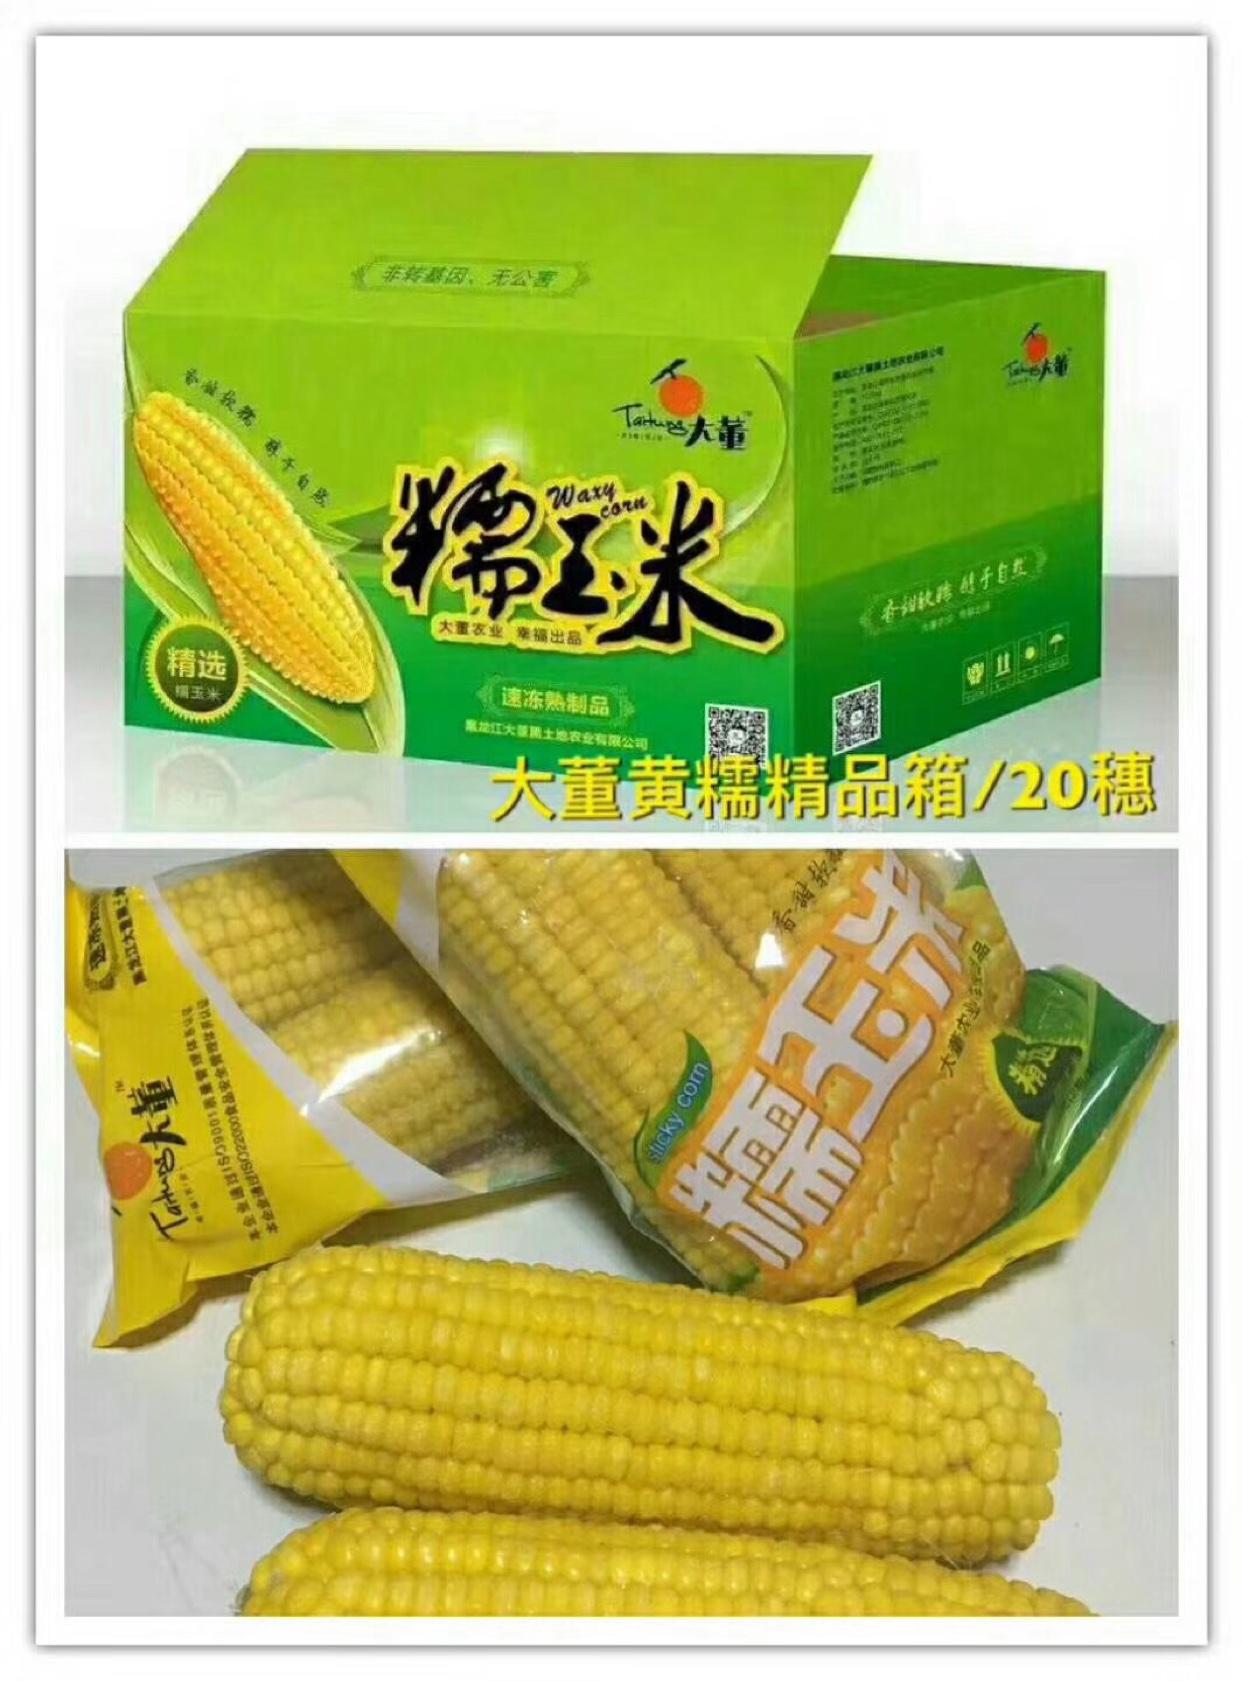 大庆大董黄糯东北黄玉米粘糯水果玉米黏玉米小箱20根袋装零食主食